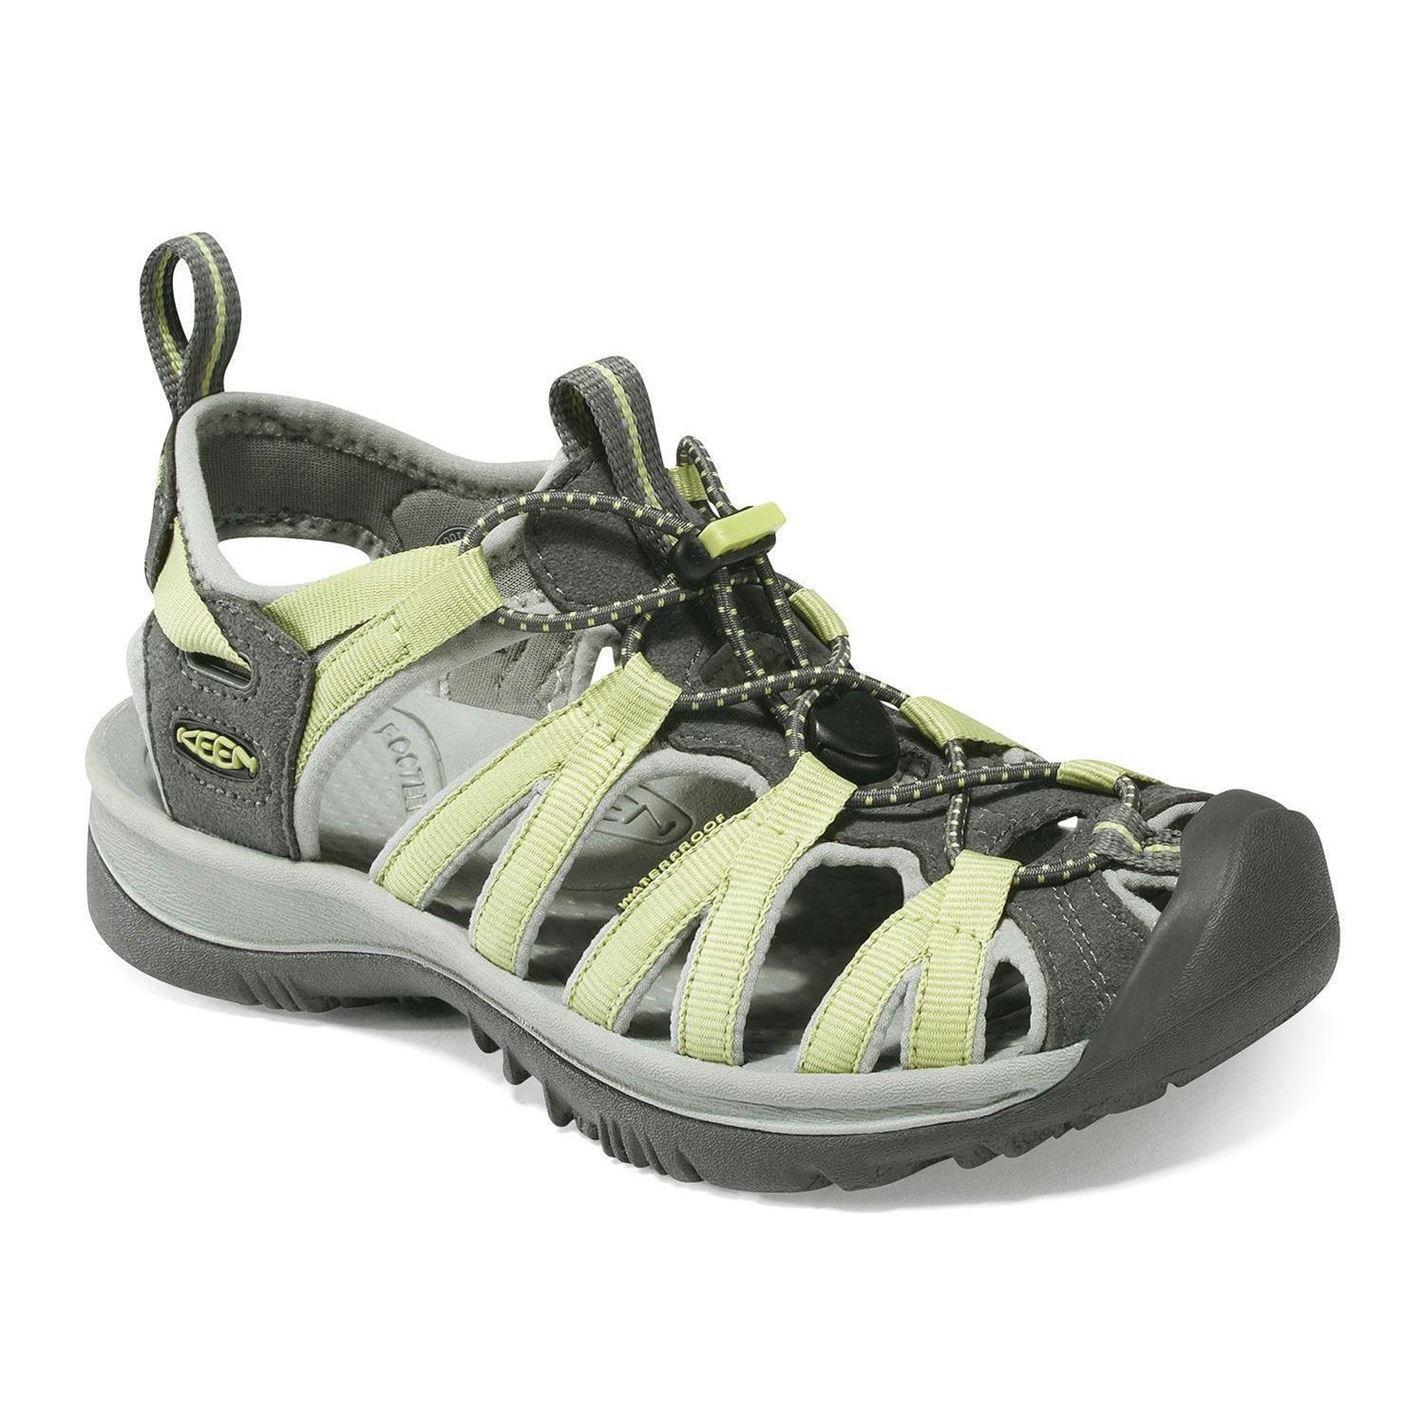 Keen Womens Whisper Sandals Ladies Casial Summer Shoes Footwear | eBay